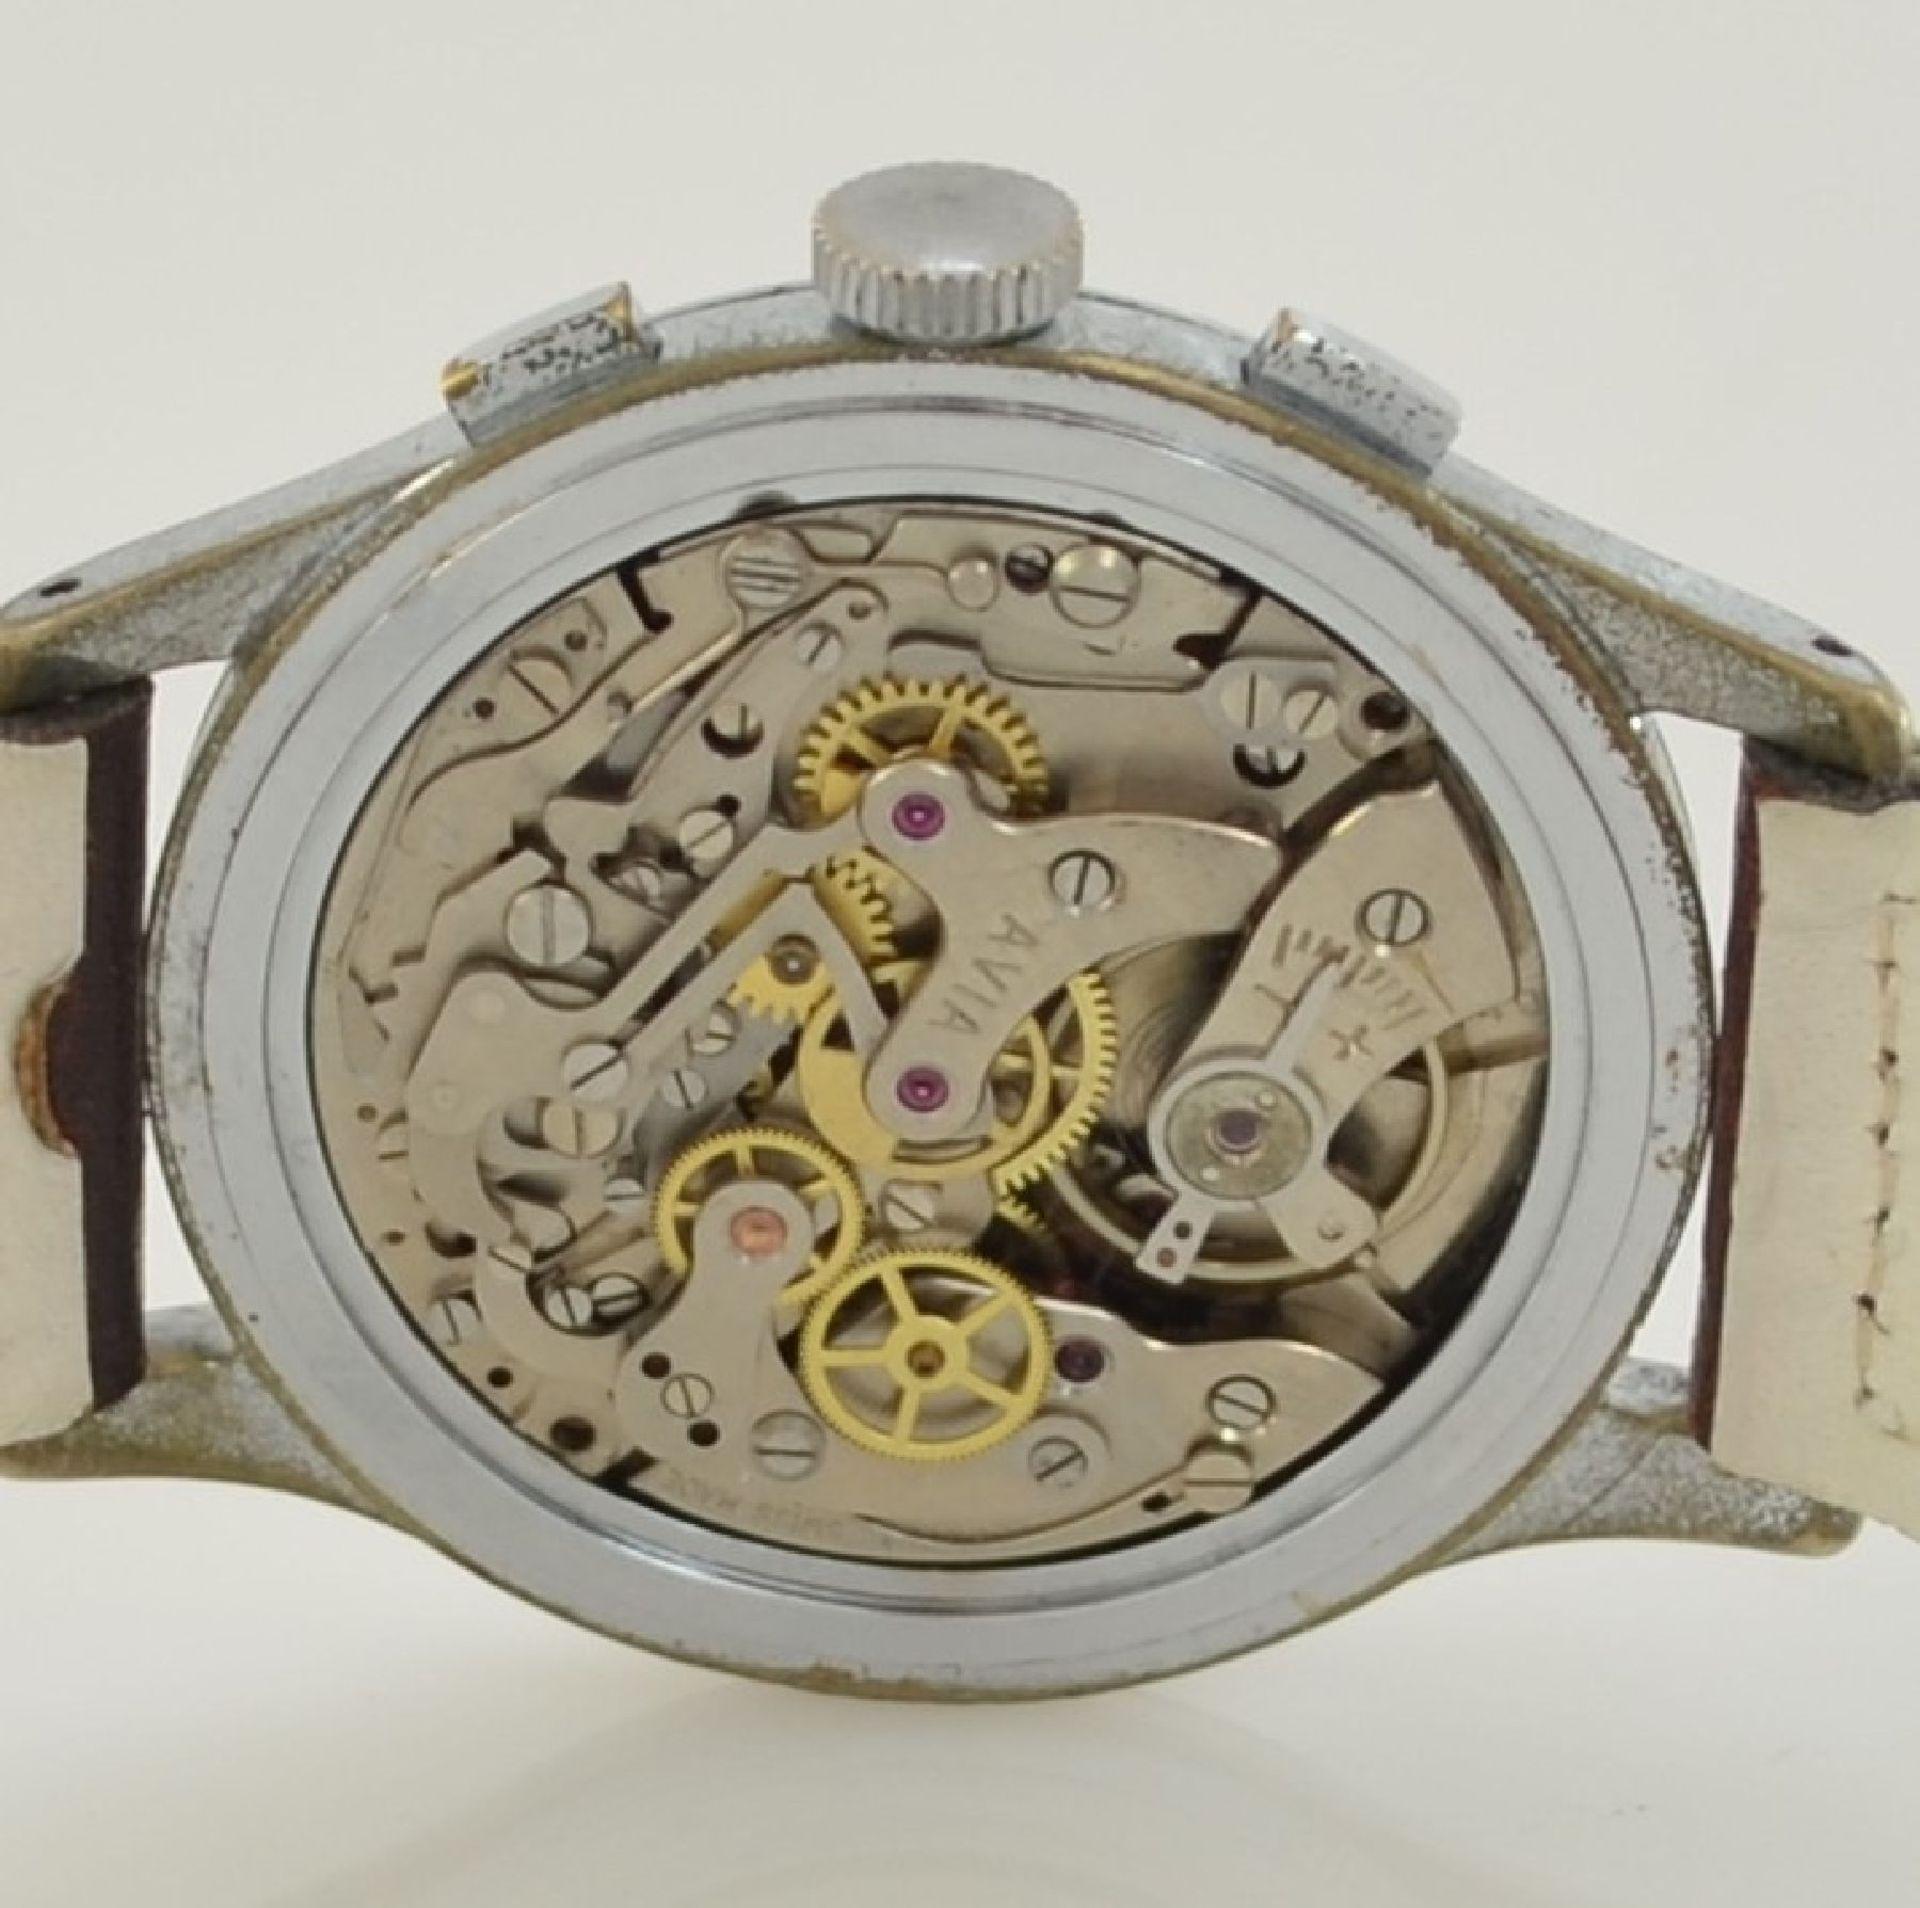 AVIA Armbandchronograph, Handaufzug, Schweiz für den dtsch. Markt um 1940, verchr. Metallgeh. - Bild 9 aus 10